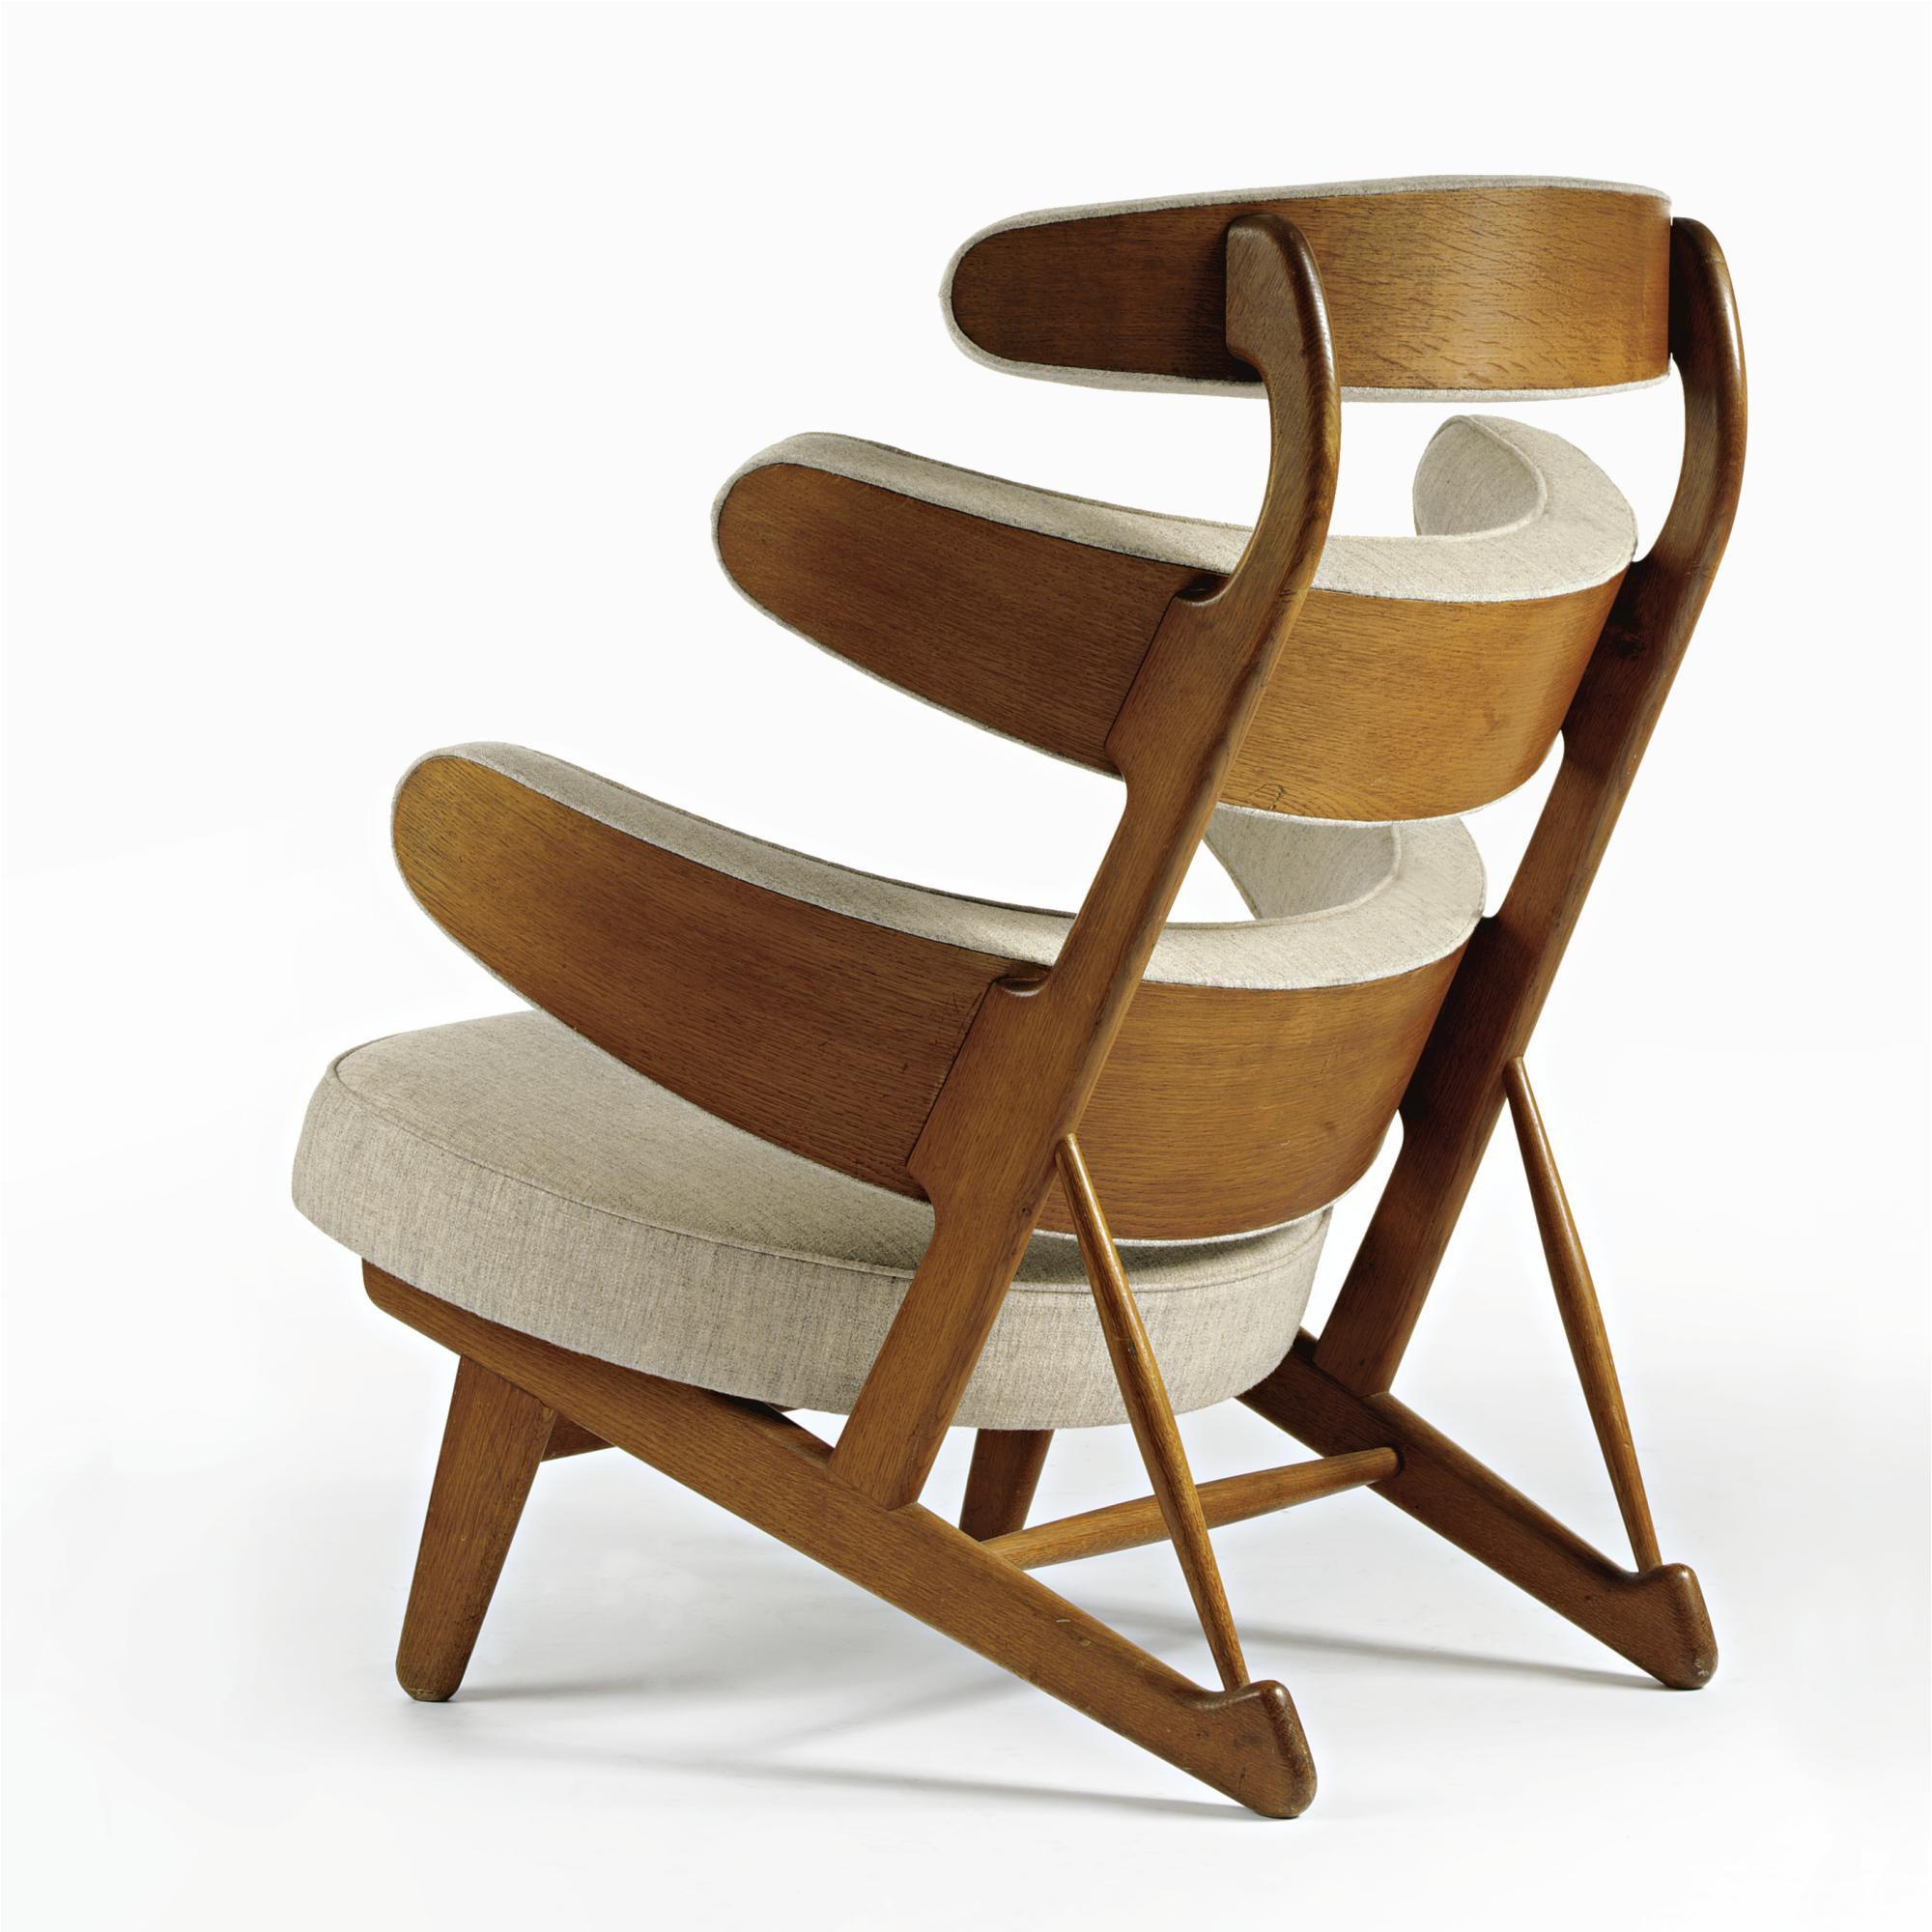 160 Chair Ideas Chair Furniture Chair Design